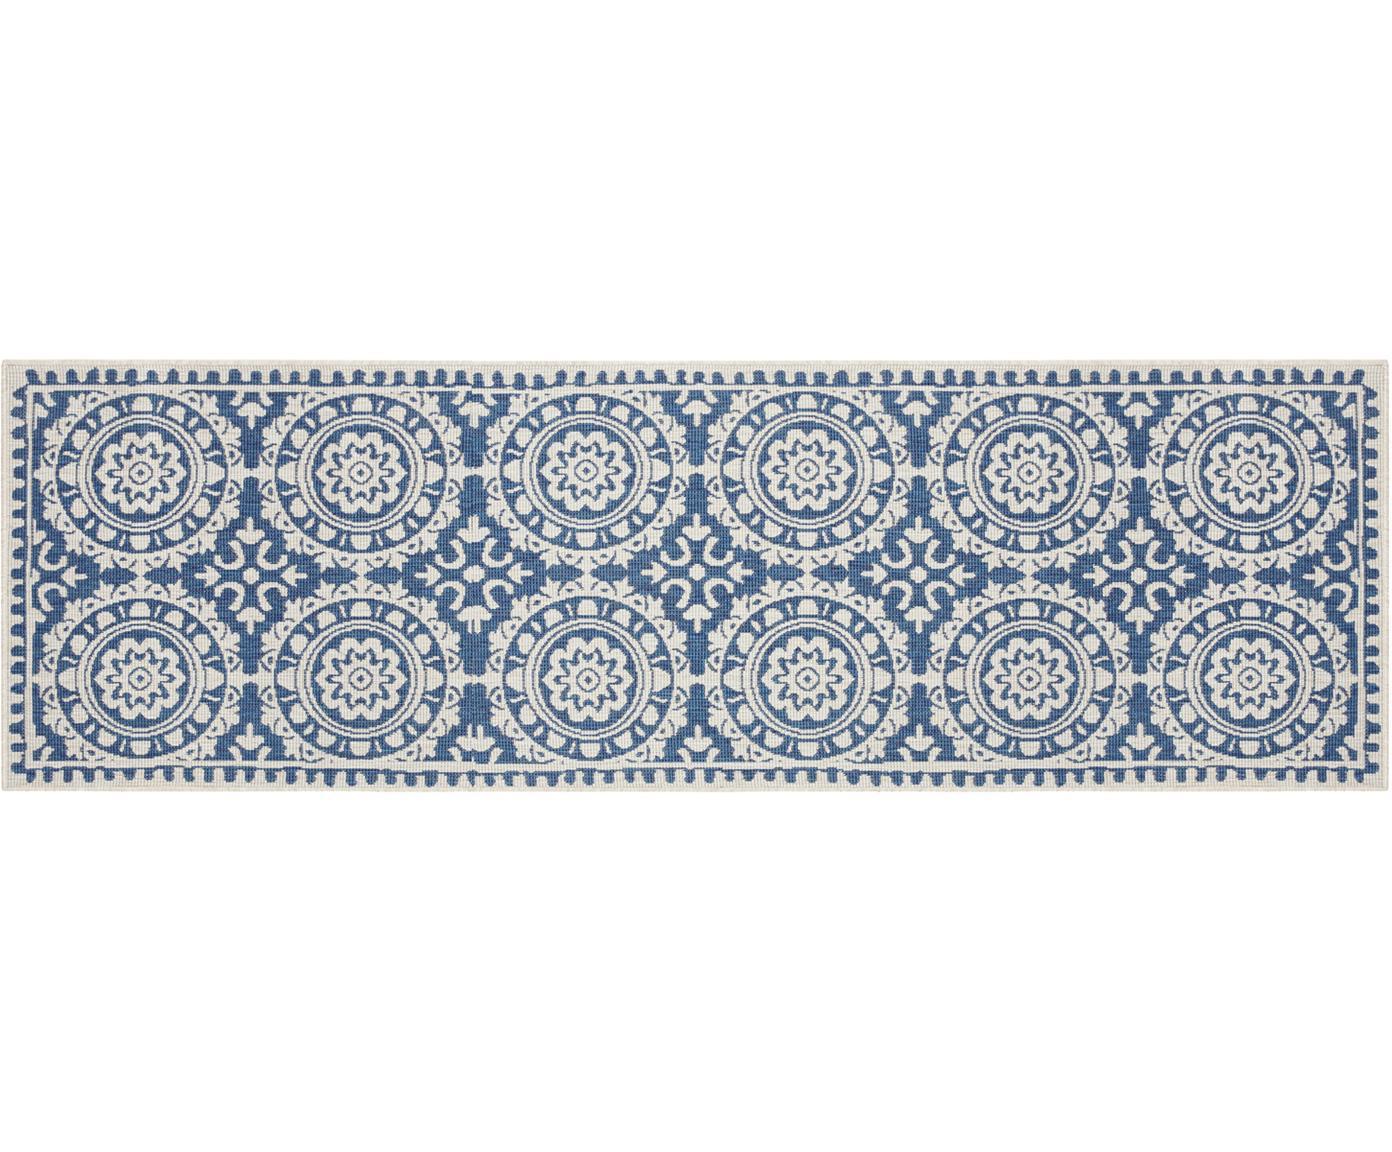 In- & Outdoor-Wendeläufer Jardin in Blau/Creme, Blau, Cremefarben, 80 x 250 cm